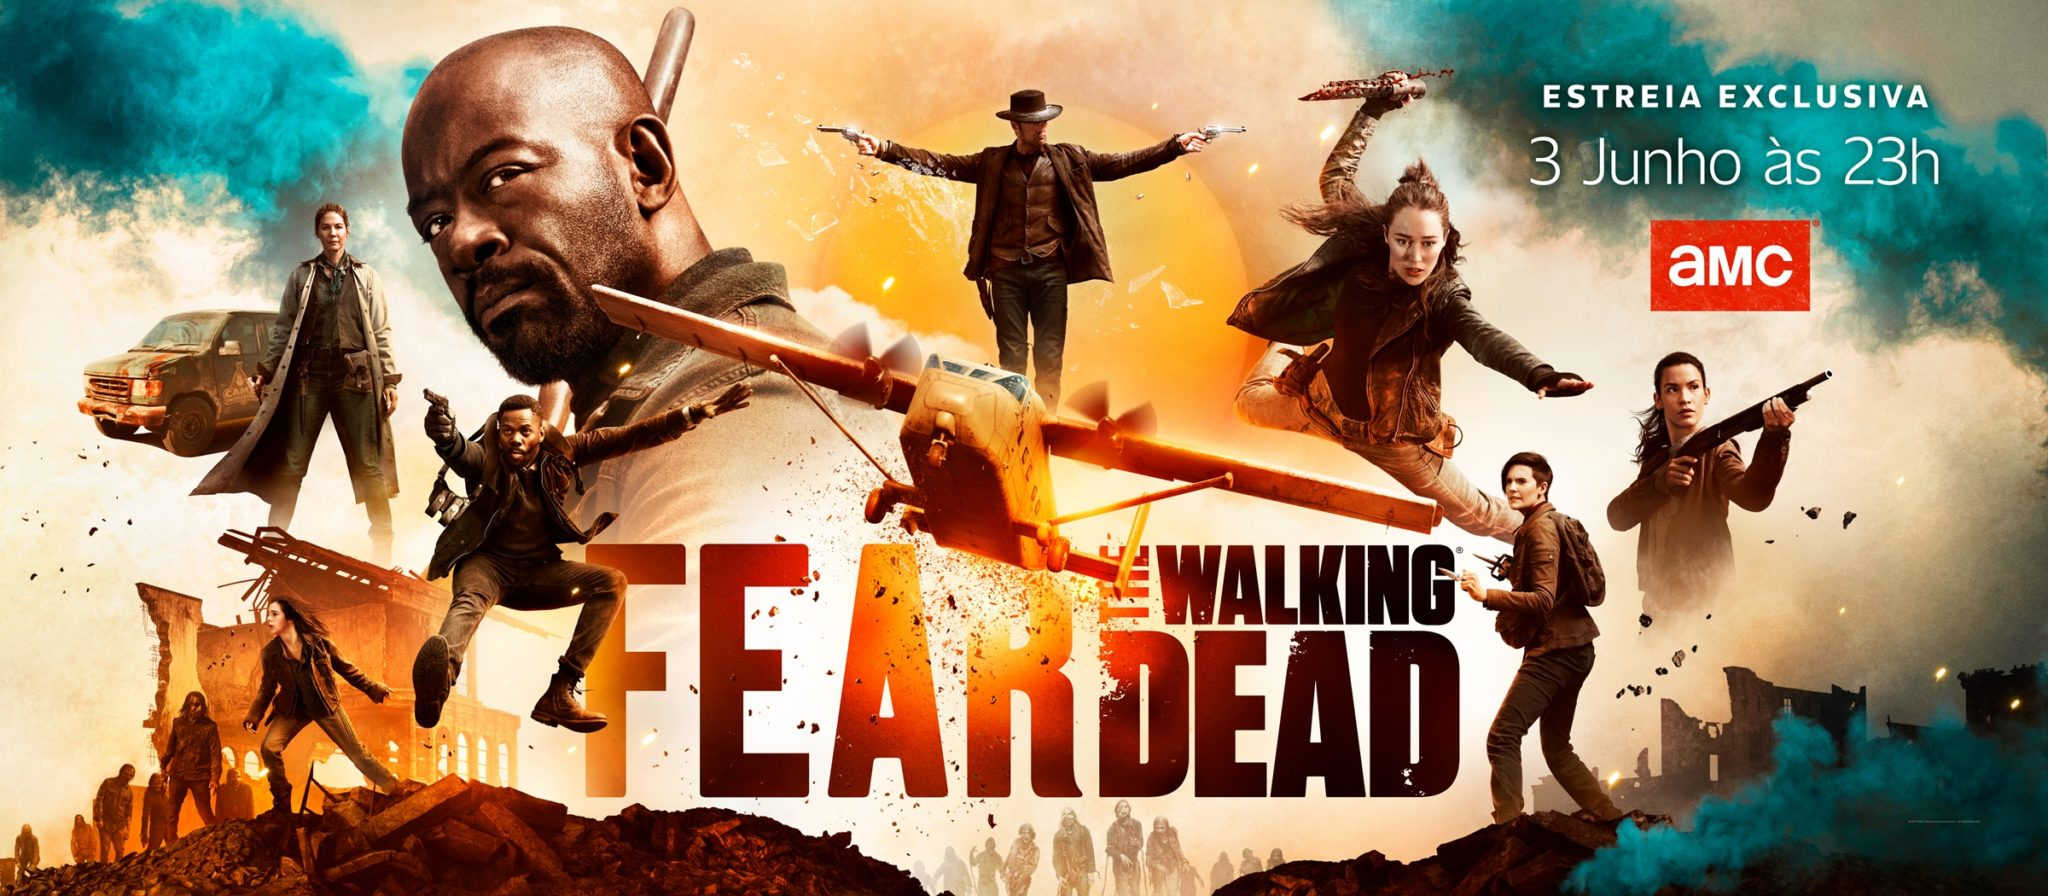 Fear The Walking Dead T5 Amc Estreia T5 De 'Fear The Walking Dead'